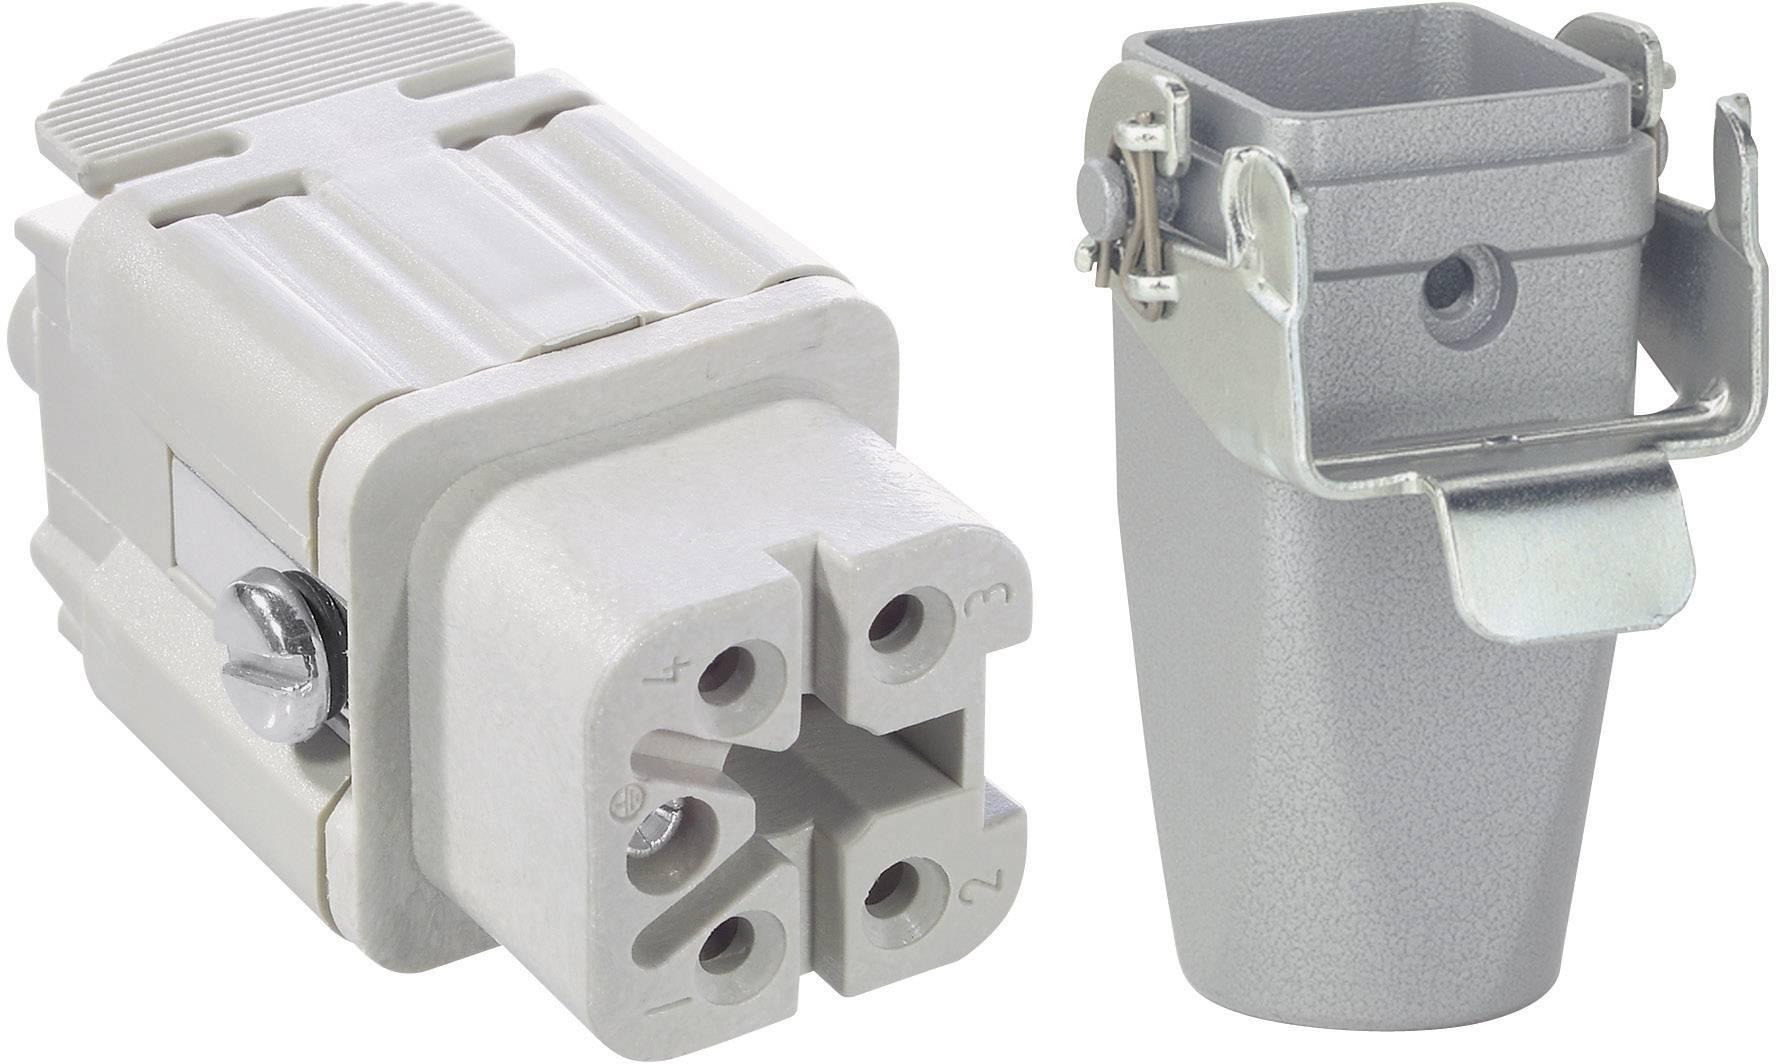 Sada konektorů EPIC®KIT H-A 4 75009624 LAPP 4 + PE šroubovací 1 sada